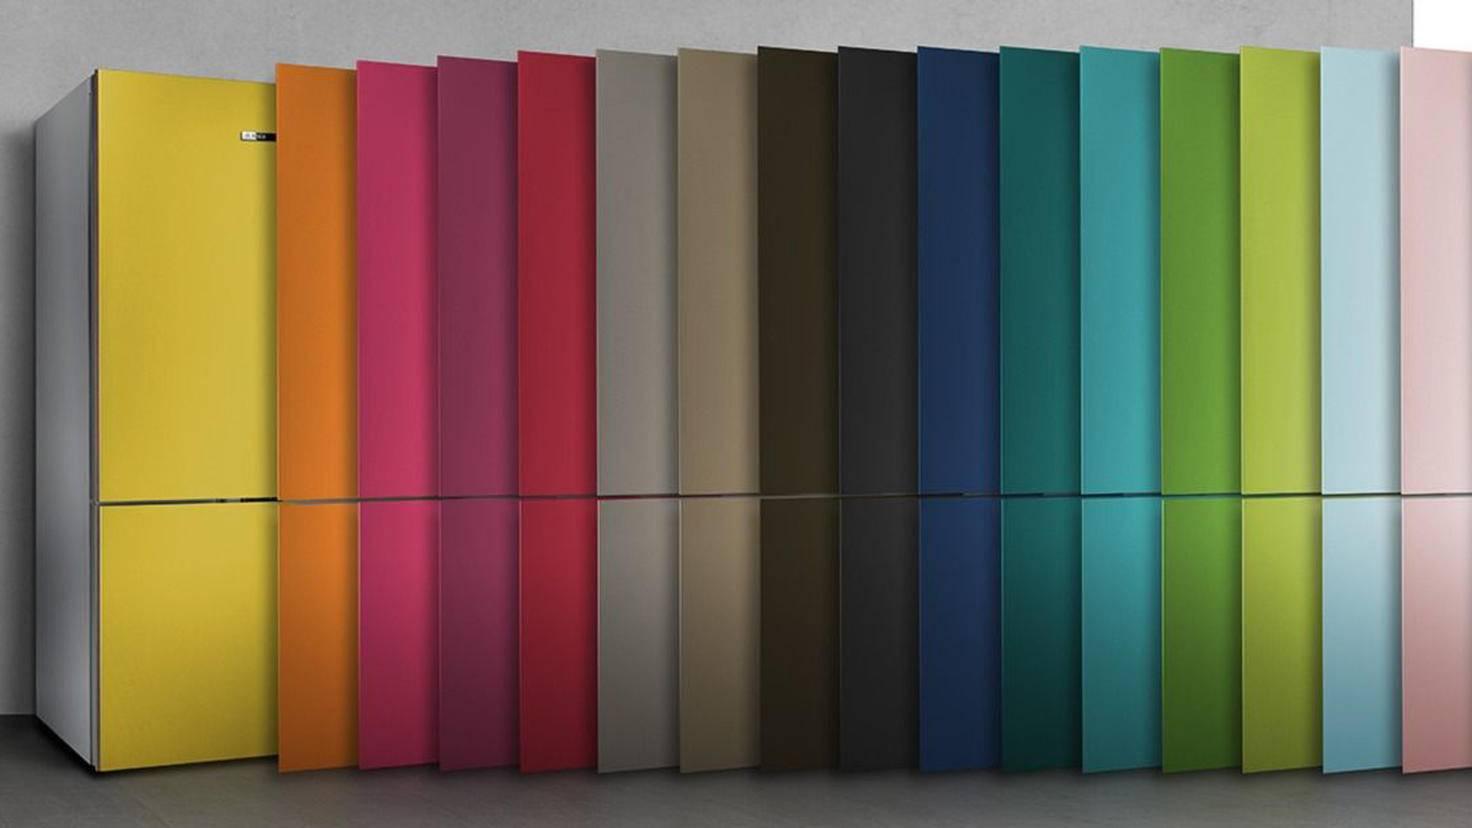 Bosch Kühlschrank 0 Grad Zone : Vario style: dieser kühlschrank wechselt im nu seine farbe